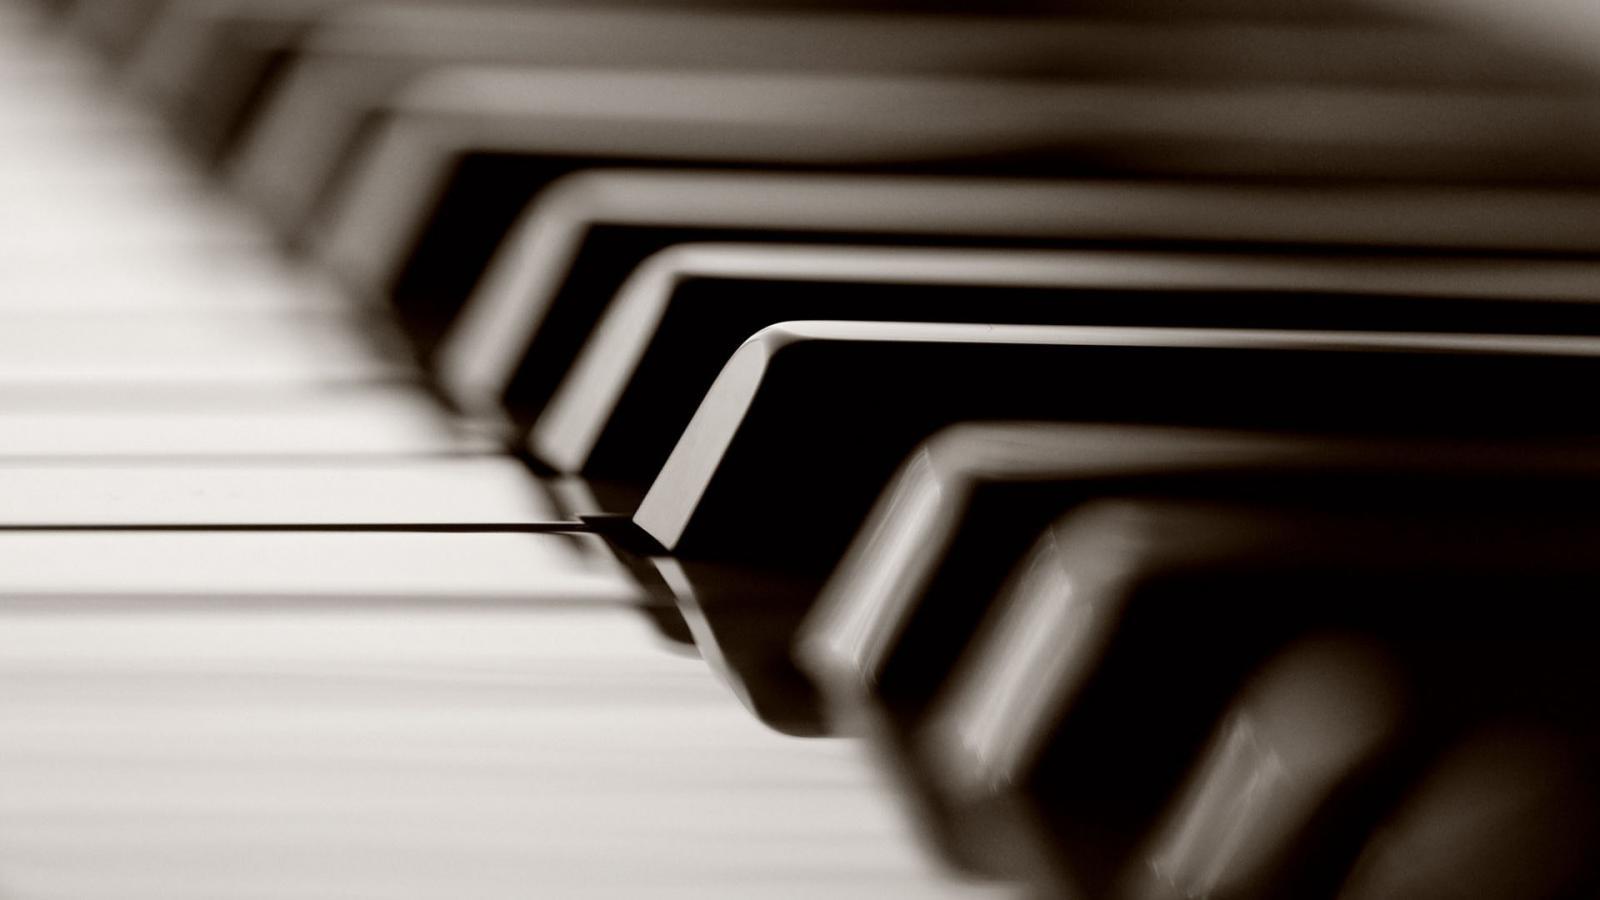 music-piano-keys-900x1600.jpg